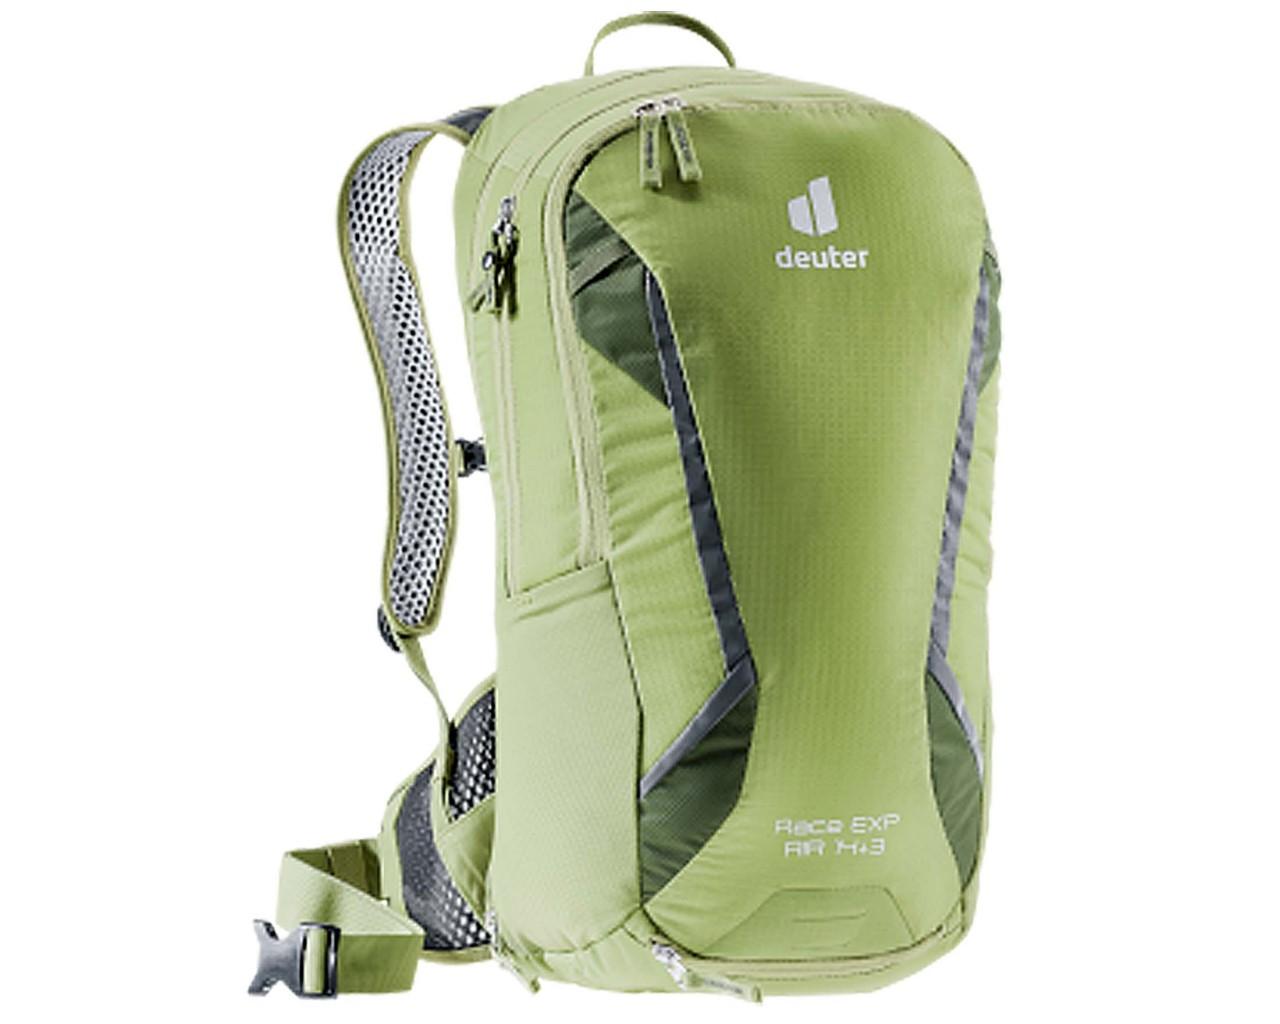 Deuter Race EXP Air - 14 +3 litres Bike Backpack | pistachio-pine